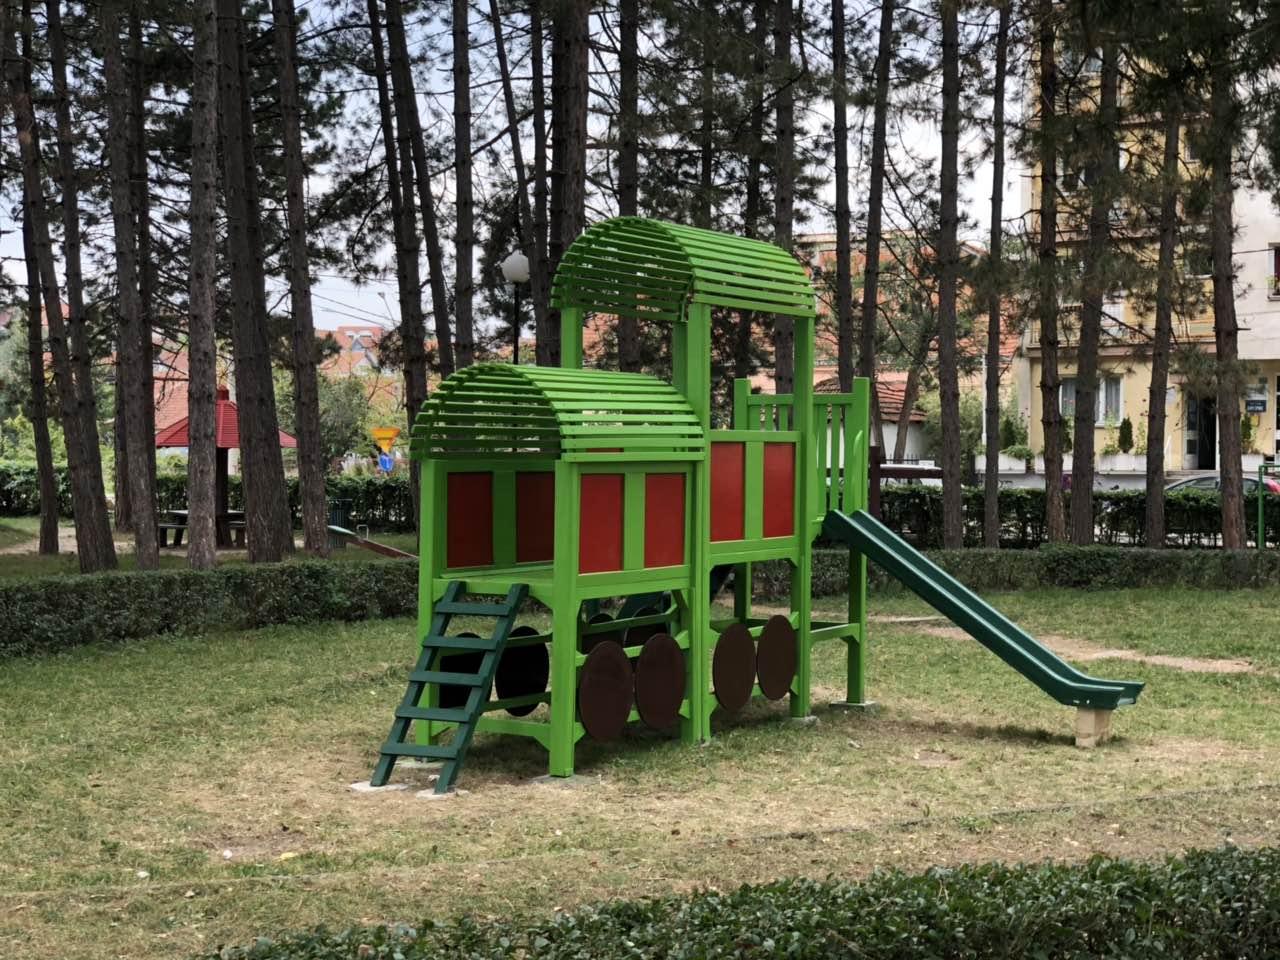 Vozić u centralnom delu igrališta, foto: M.M.